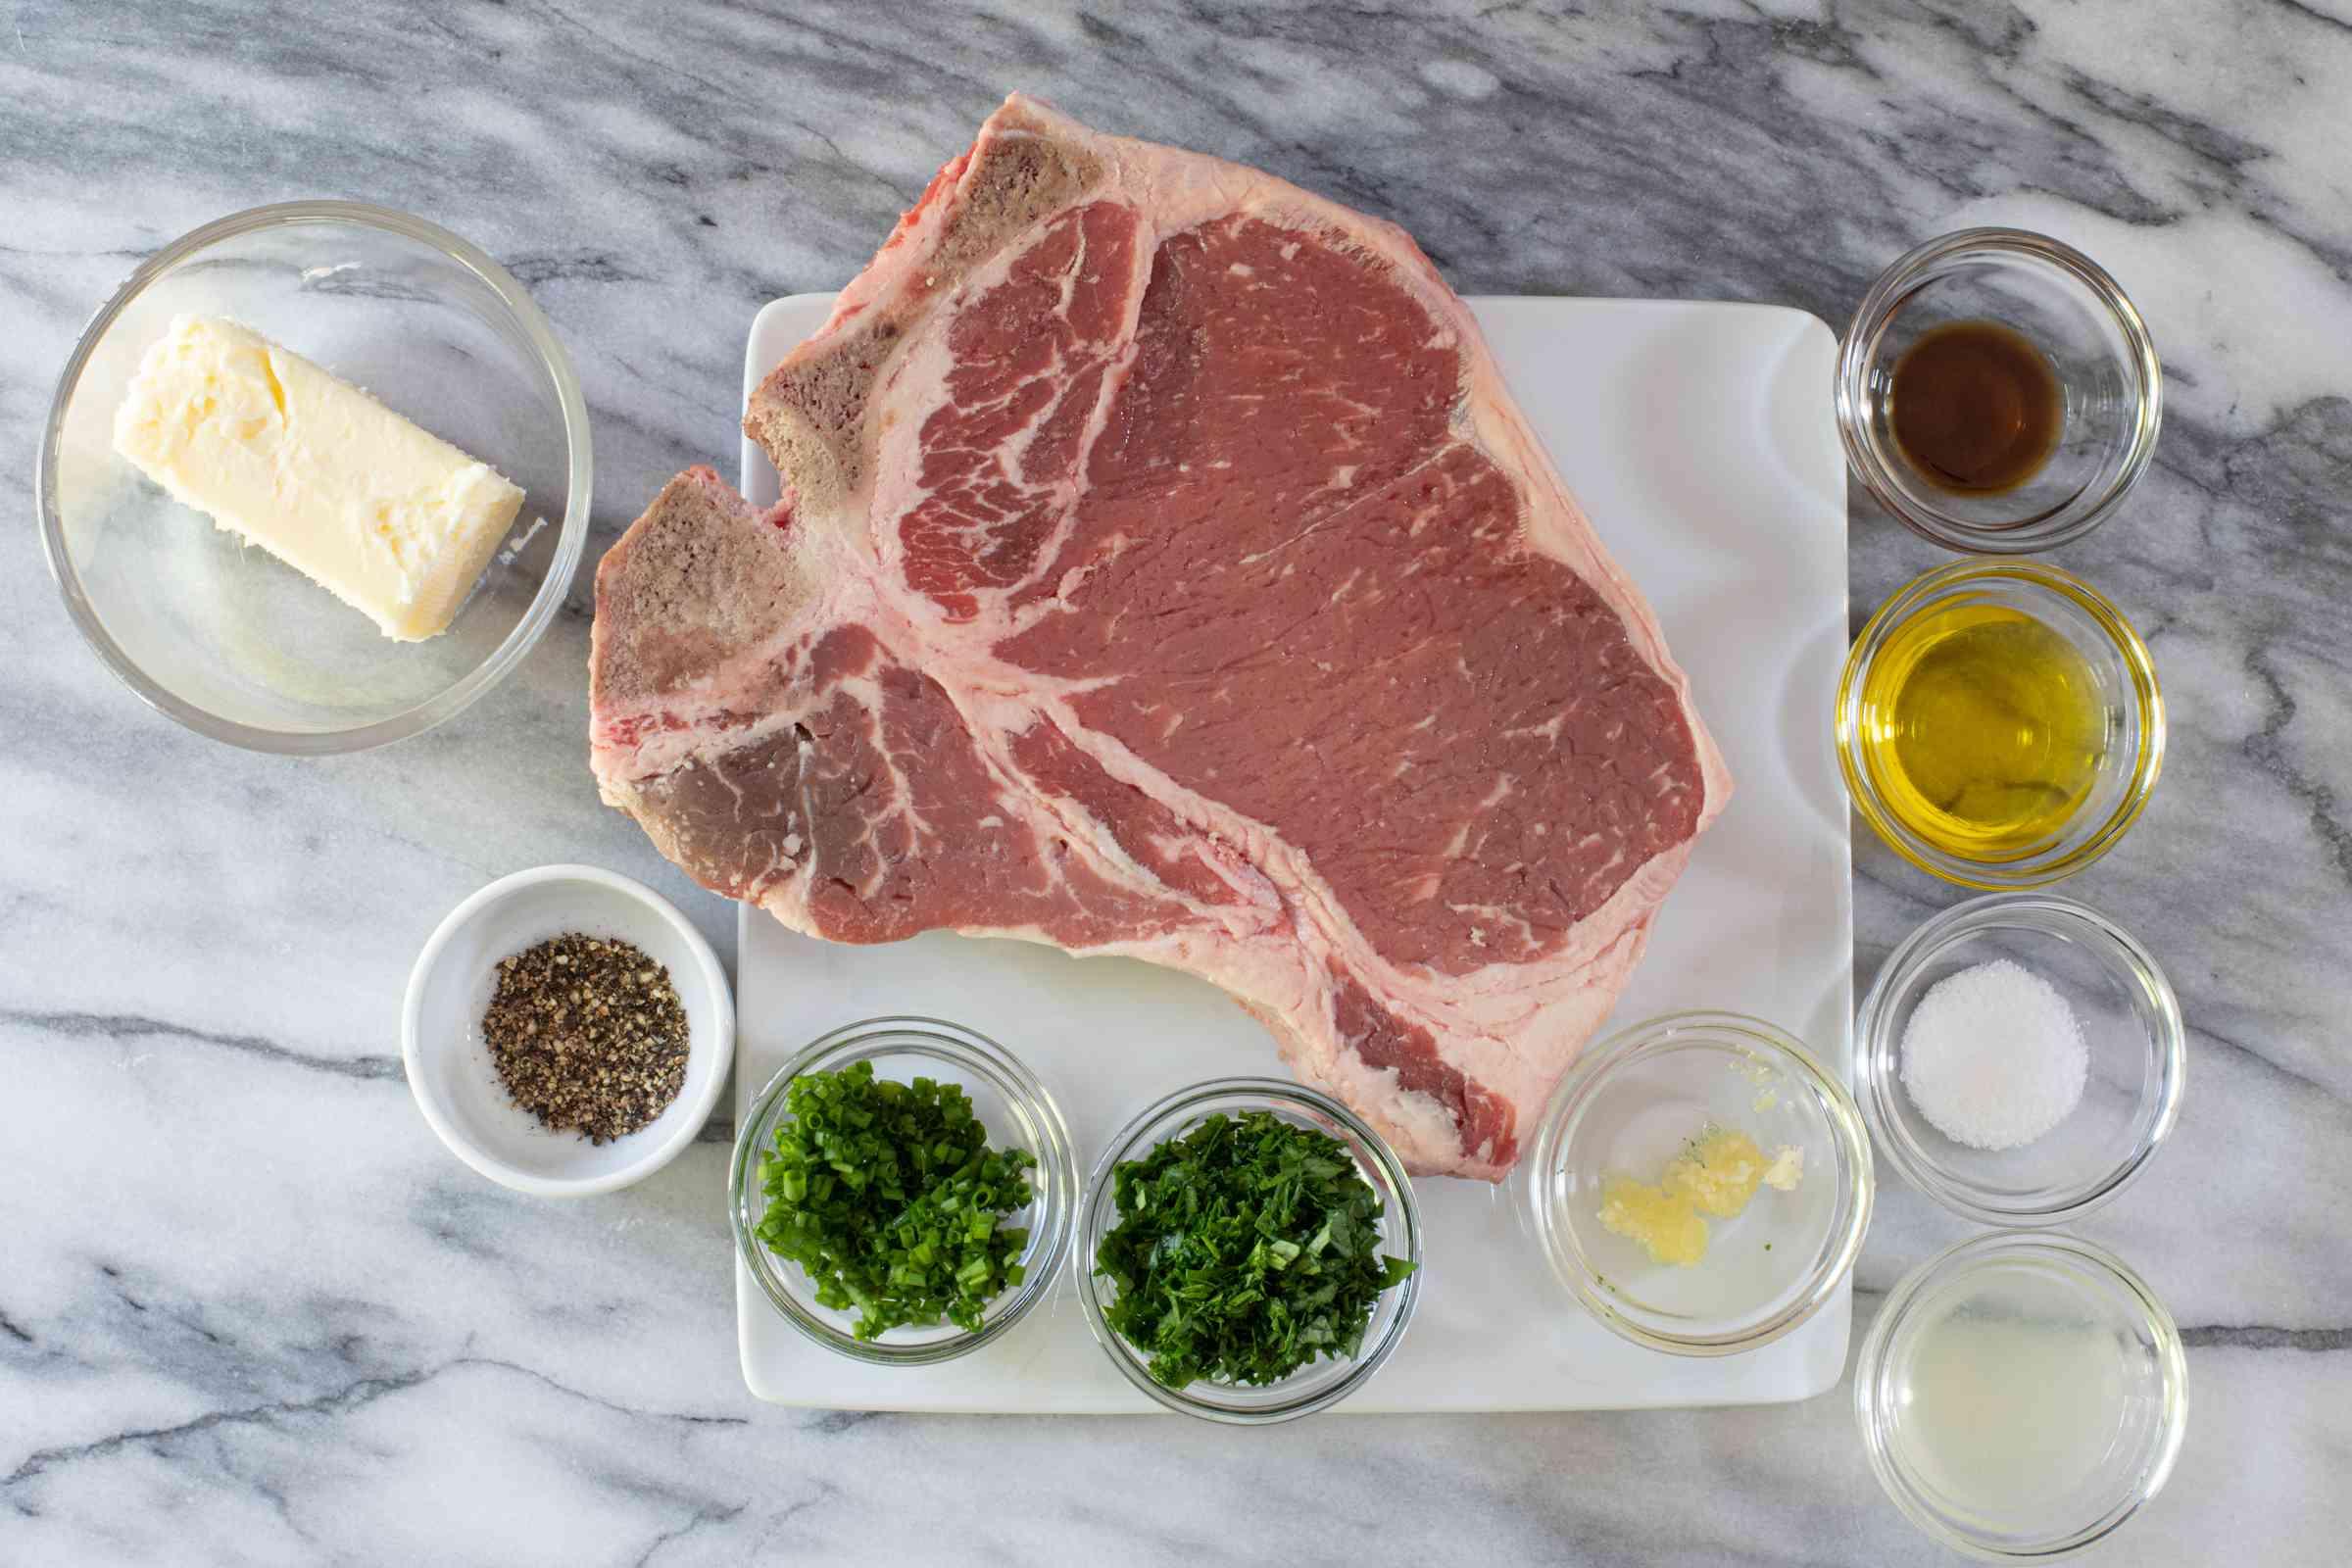 ingredients for air fryer steak